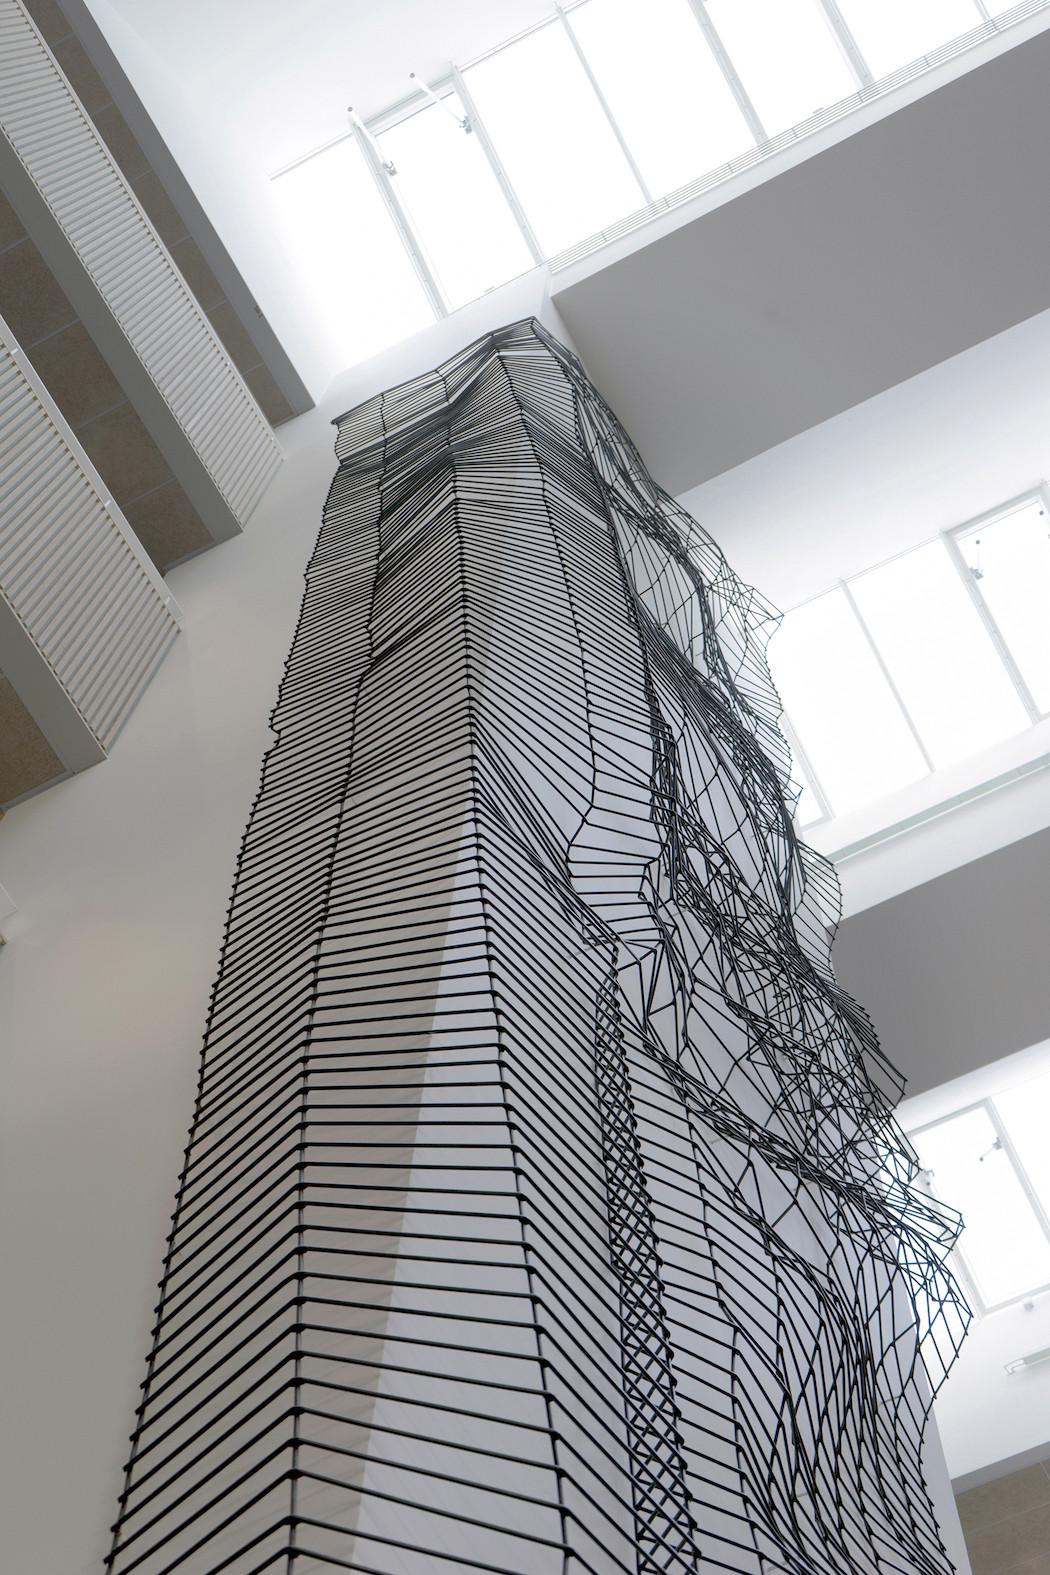 art_borkmannlenk_klaede_installation_06-1050x1575